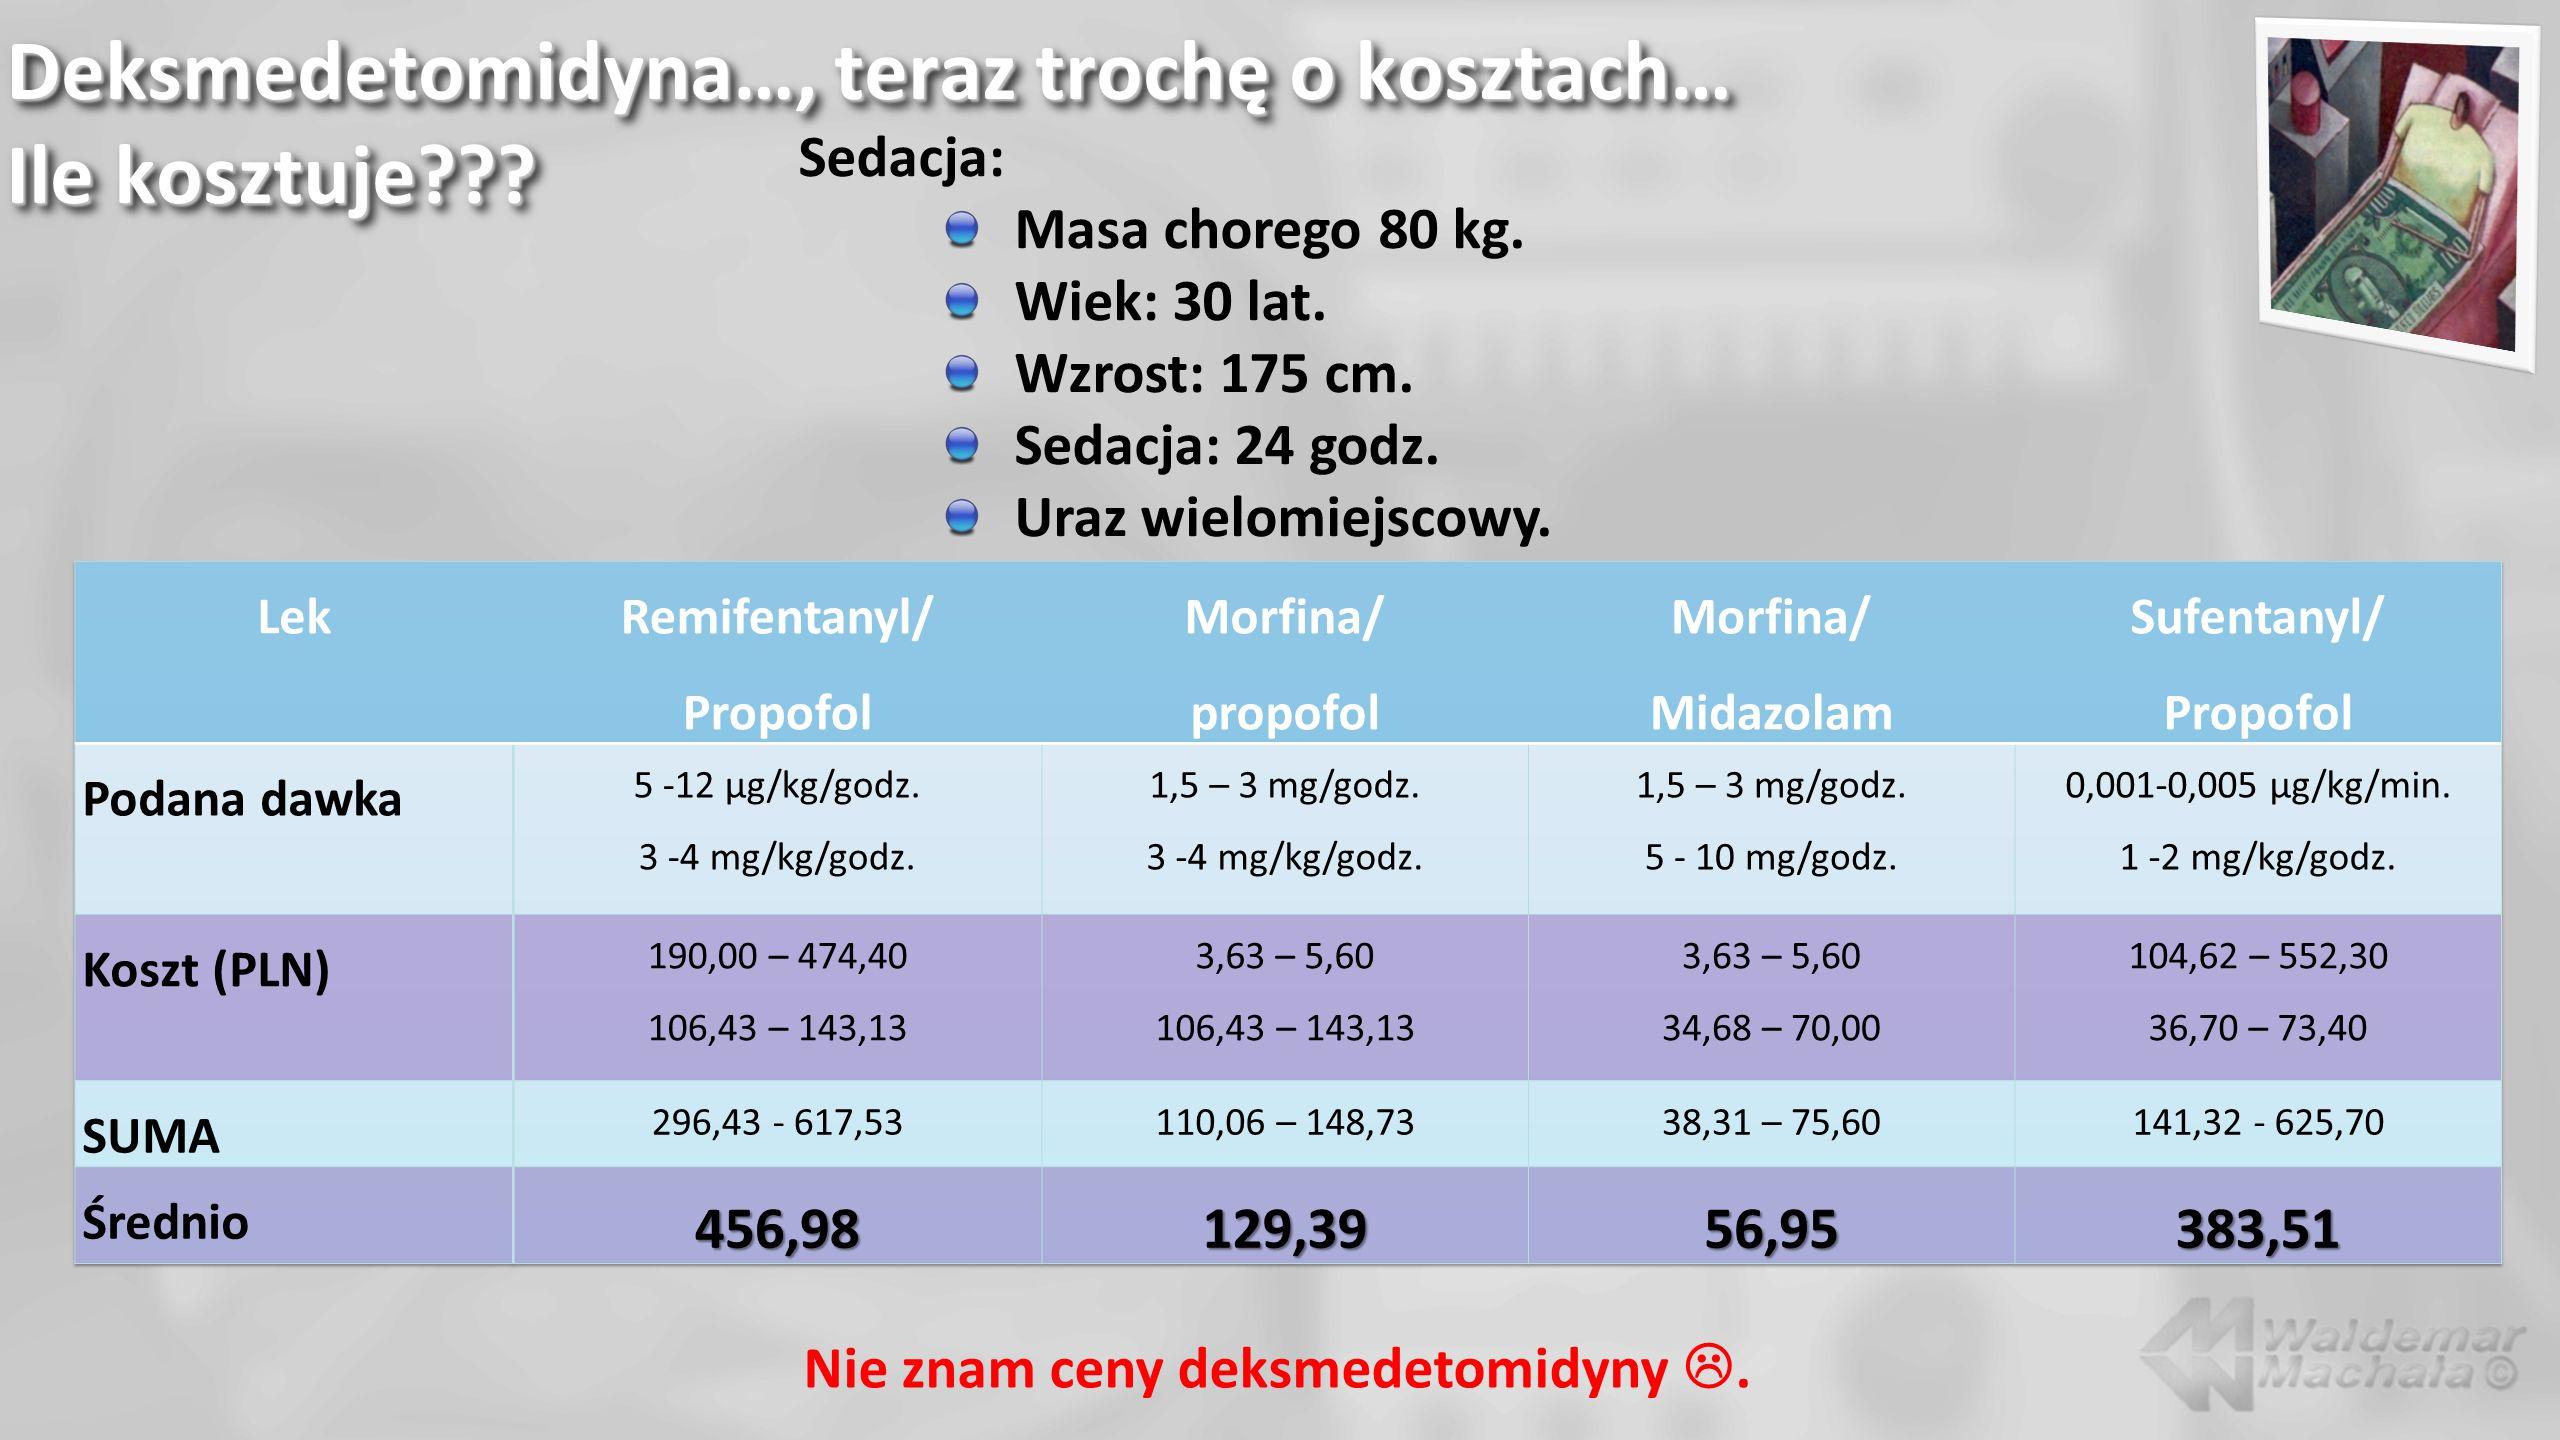 Deksmedetomidyna…, teraz trochę o kosztach… Ile kosztuje??? Sedacja: Masa chorego 80 kg. Wiek: 30 lat. Wzrost: 175 cm. Sedacja: 24 godz. Uraz wielomie